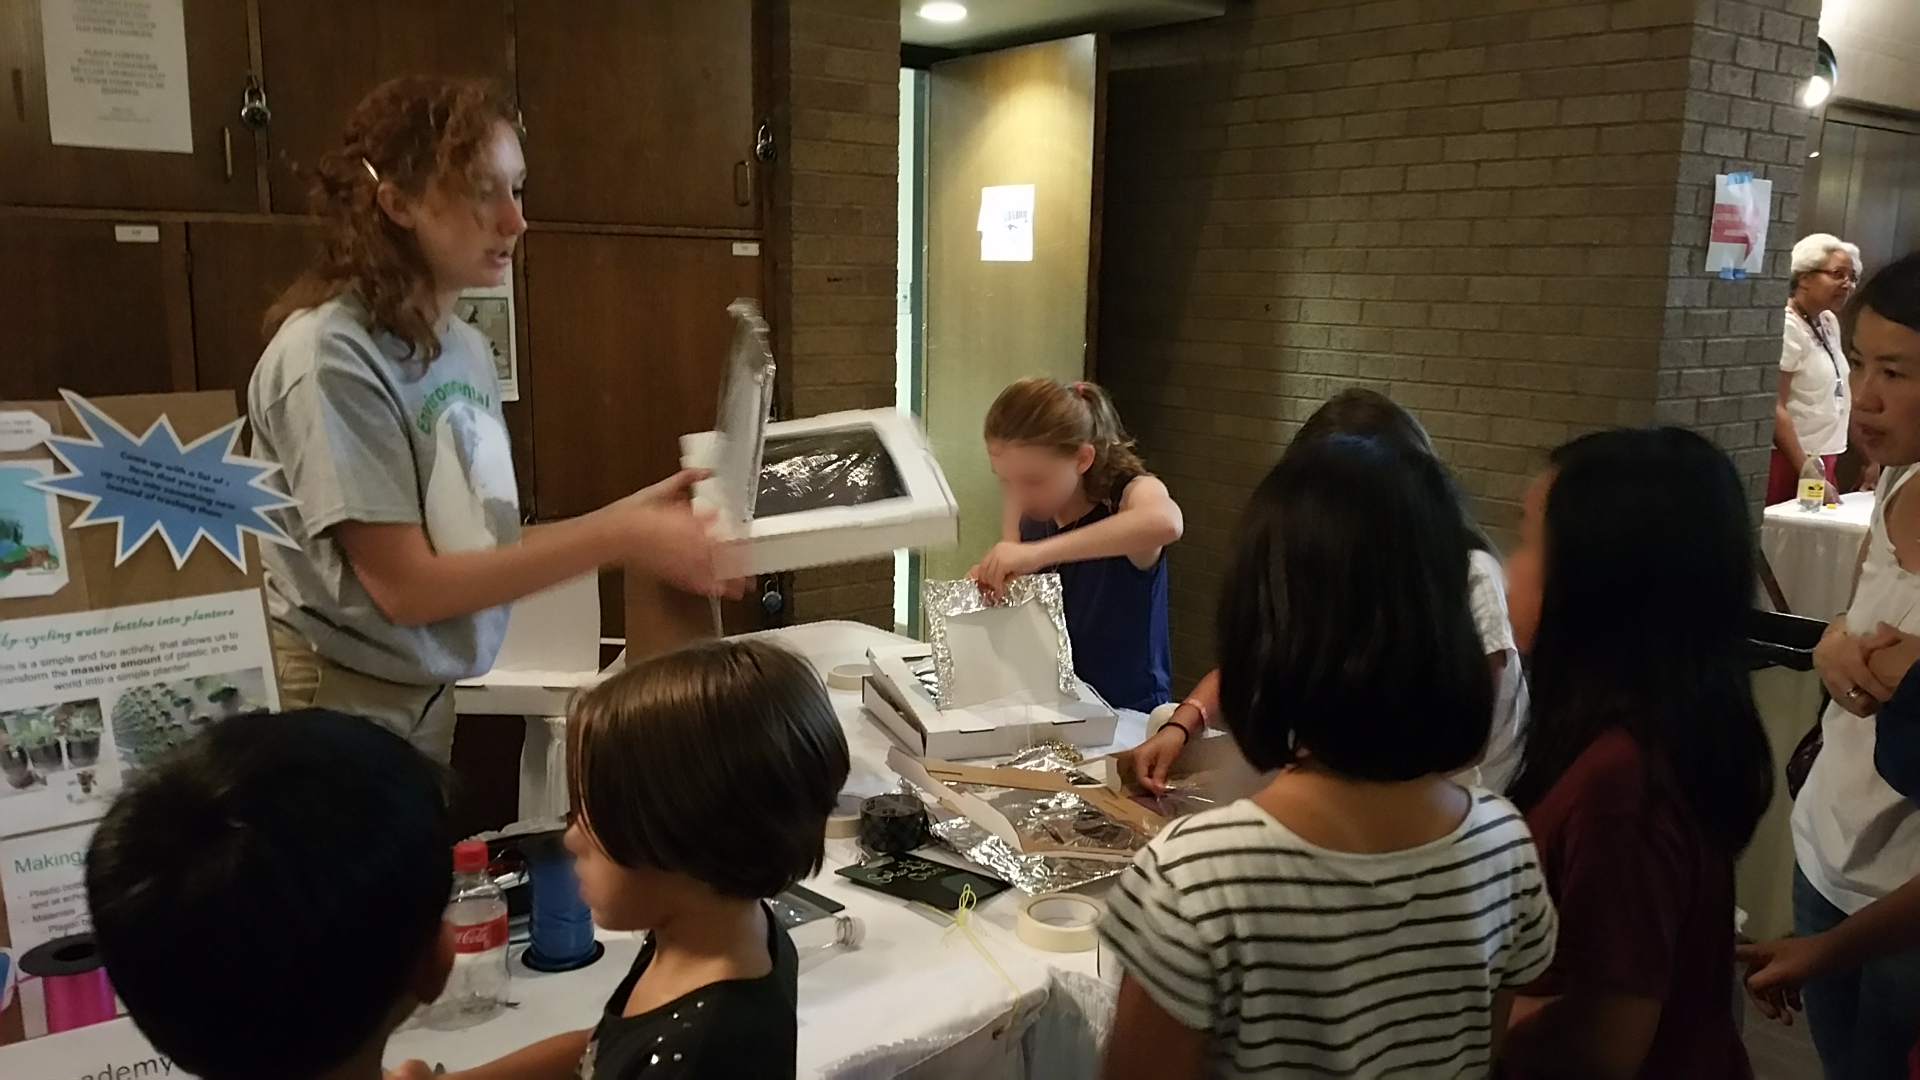 Making Solar Ovens!